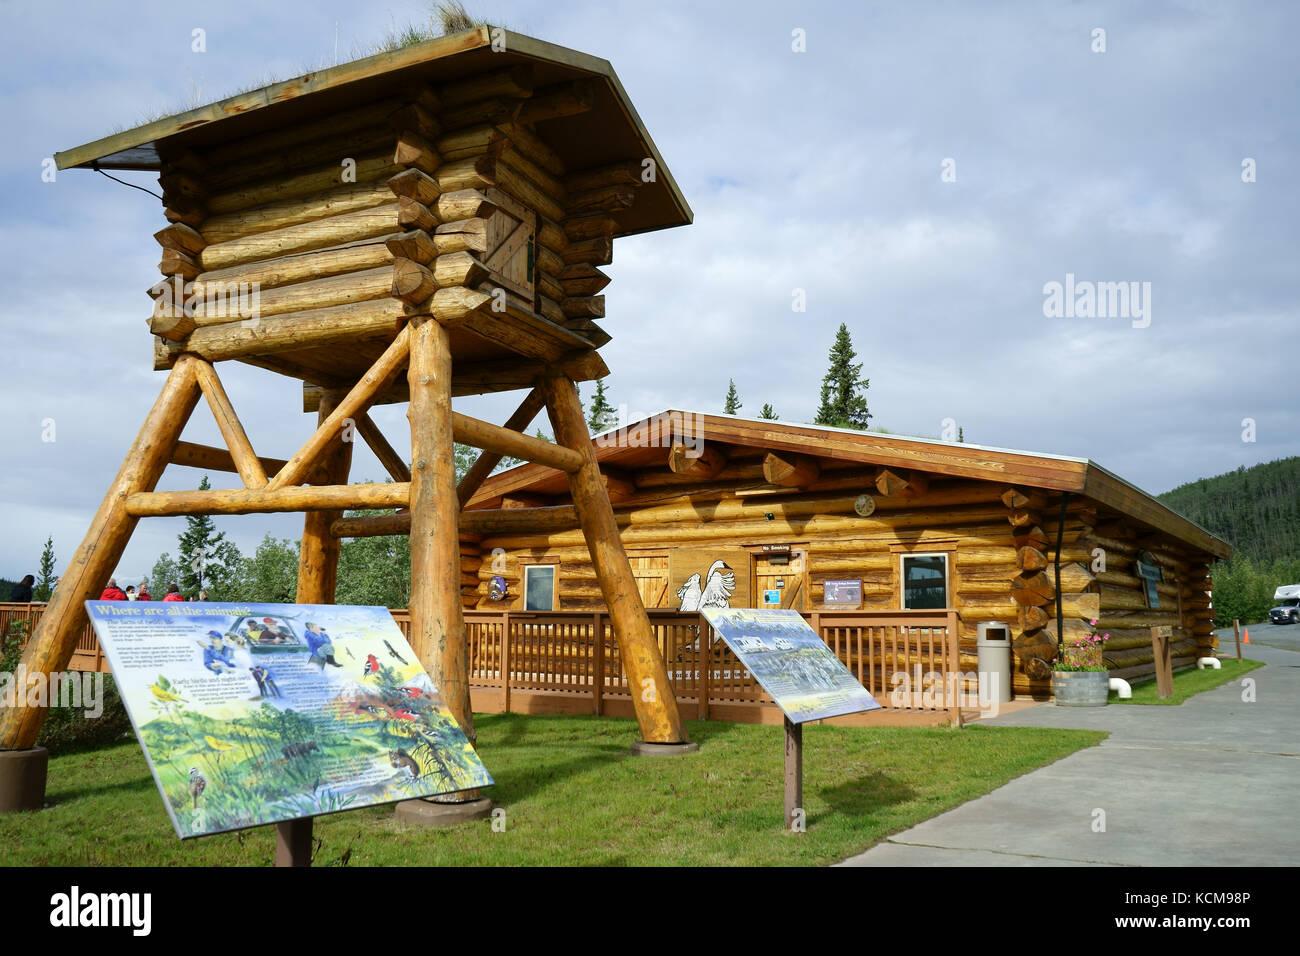 Tetlin Ntl. WEildlife refuge visitor center along Alaska Highway, Alaska - Stock Image